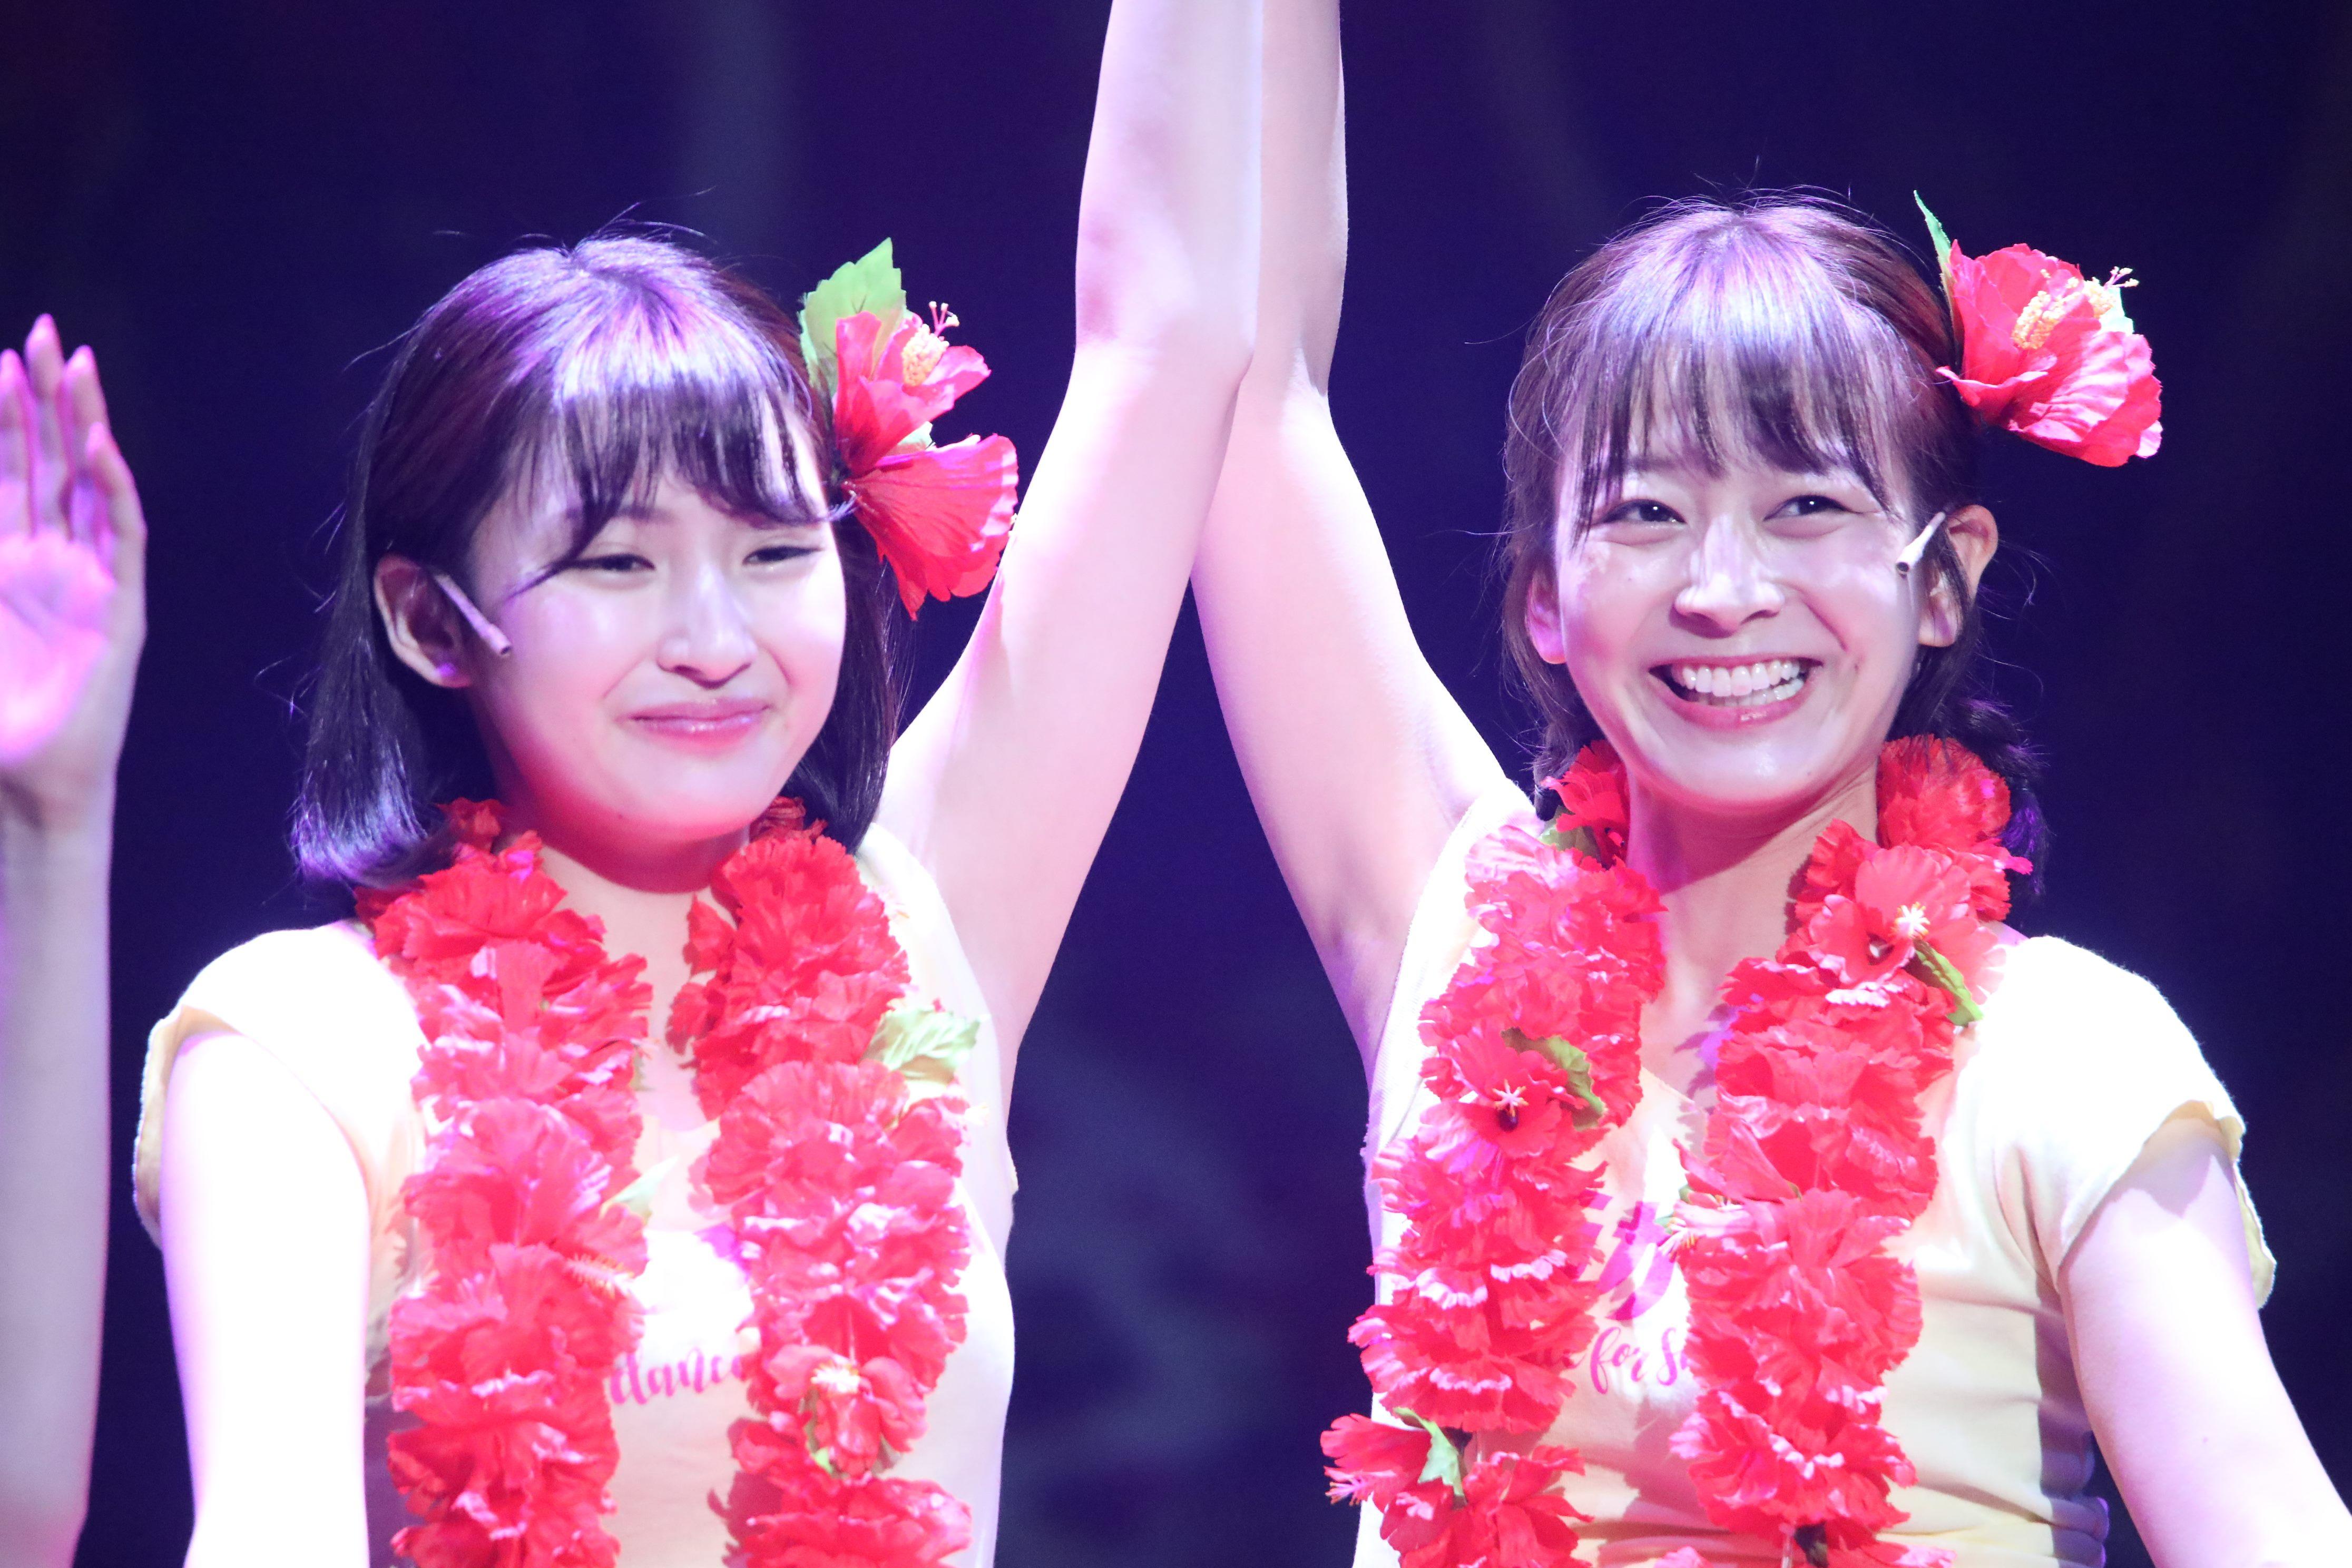 舞台「フラガール」で早苗を演じる太田奈緒(右)と井上小百合